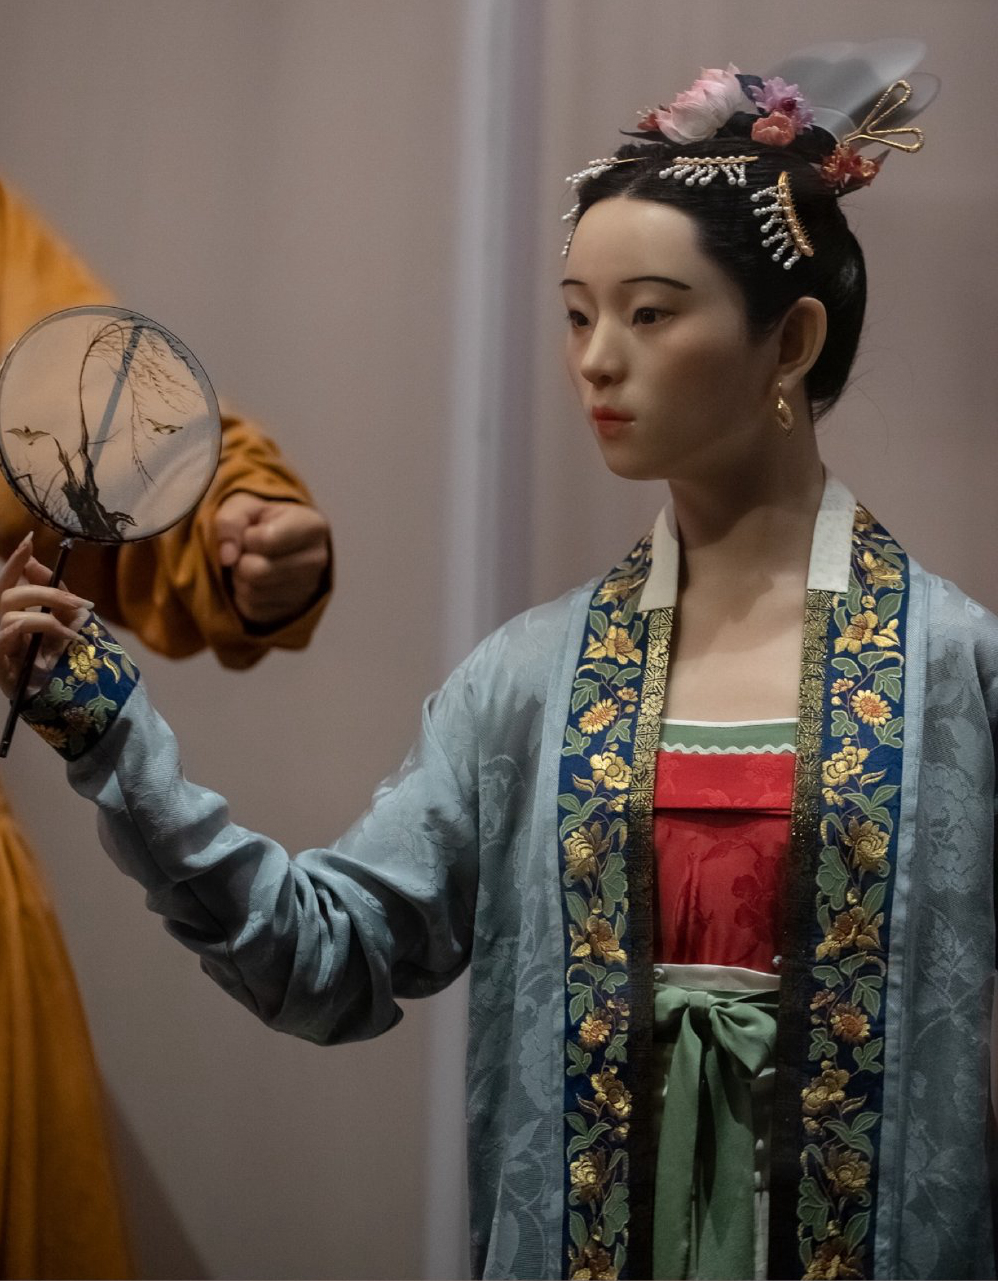 15尊不同时代的复原人像,每一尊都完整呈现出中国古代配饰的整体形象